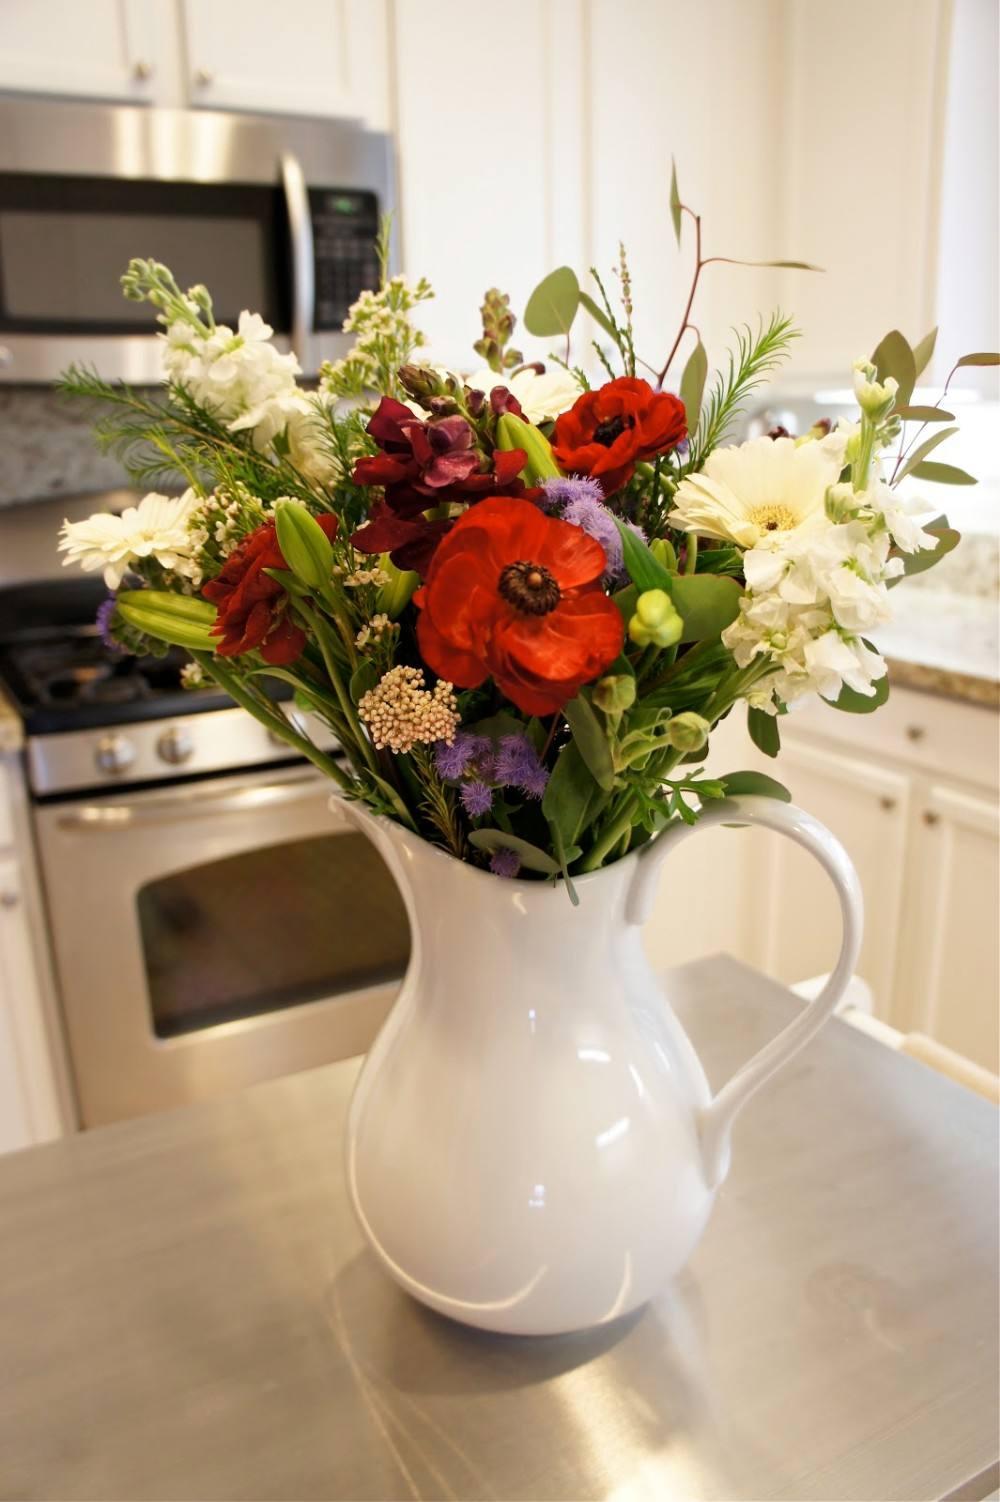 زهور في المطبخ